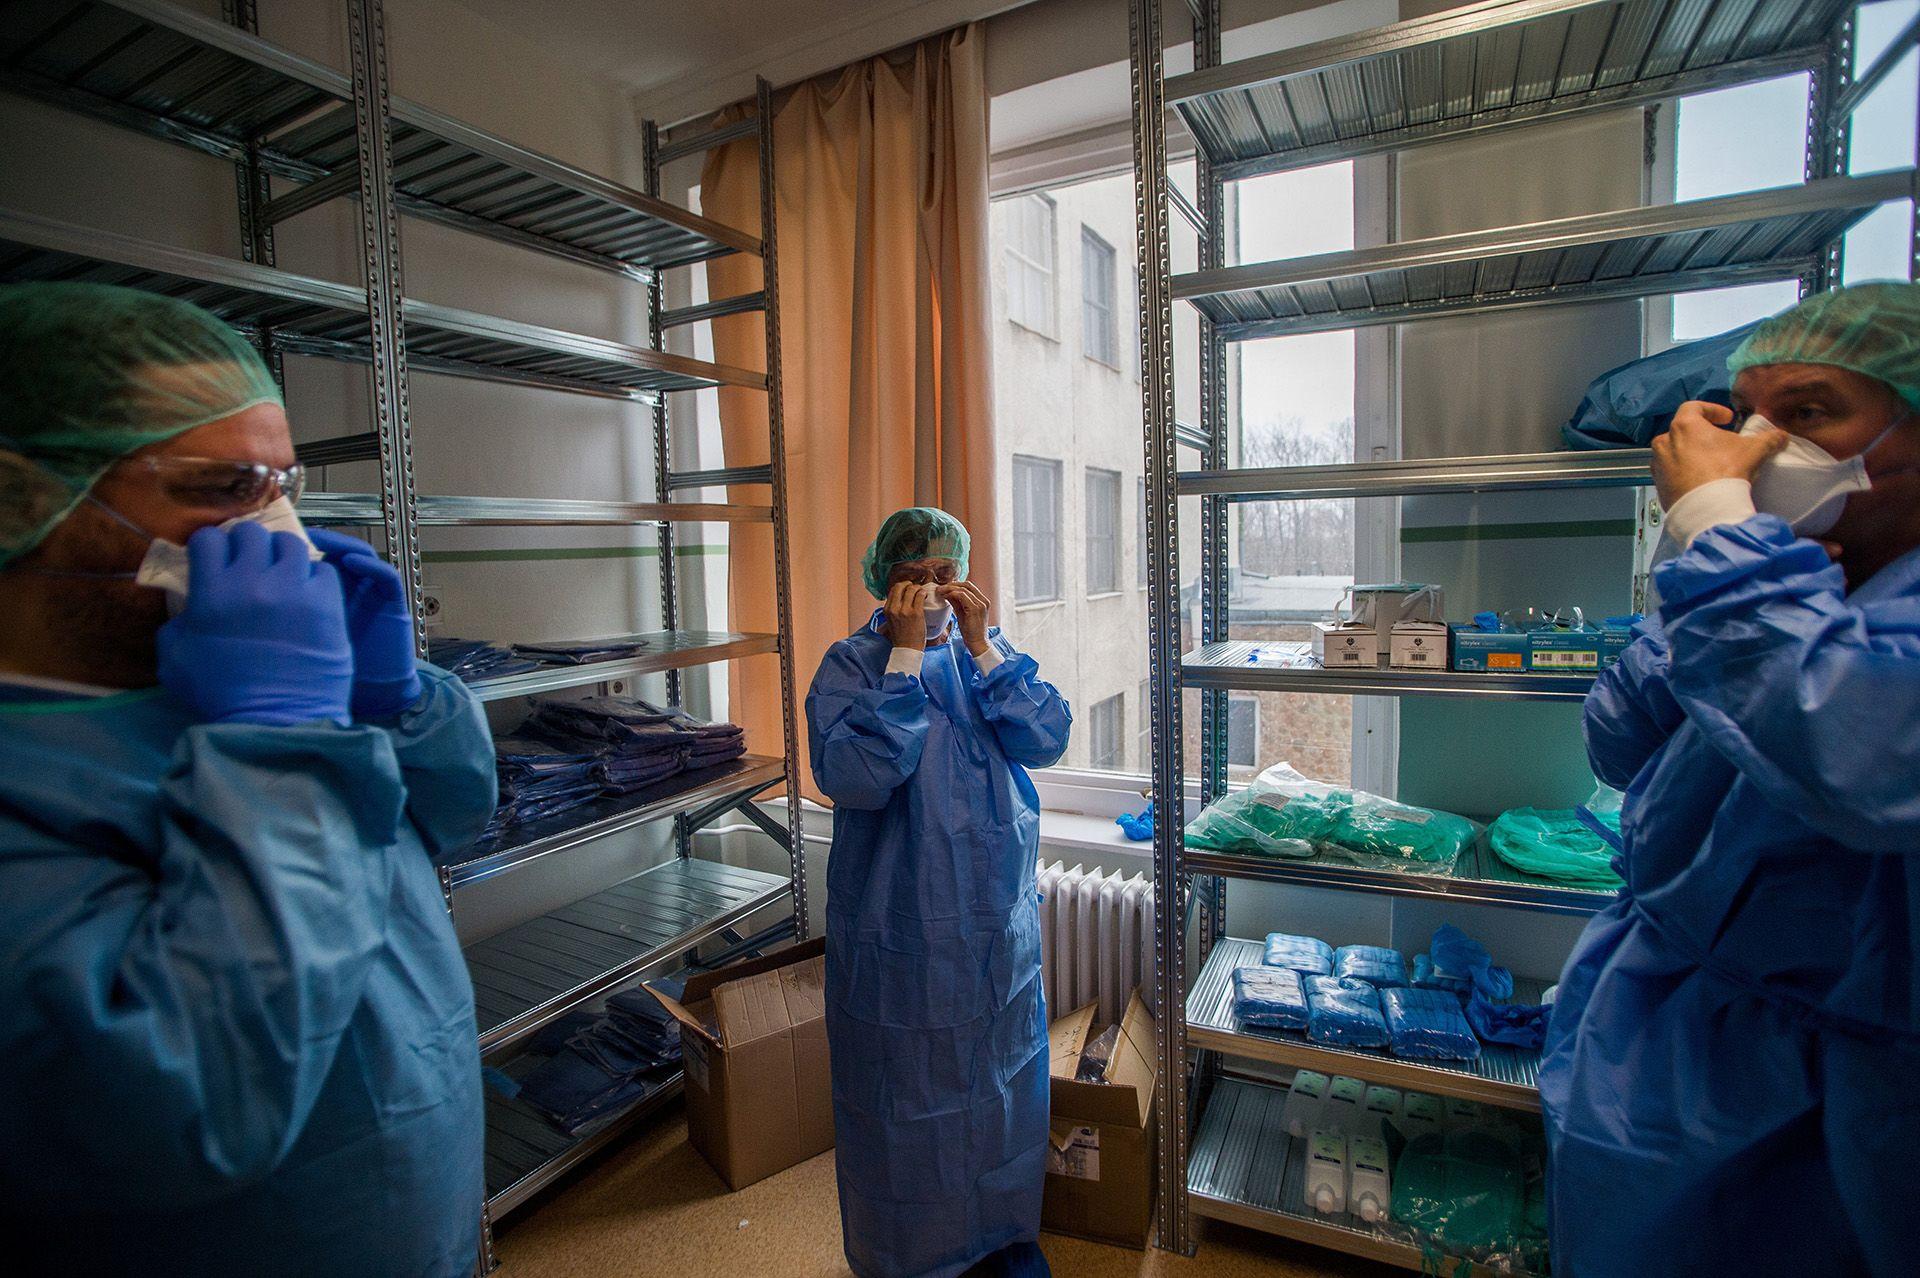 Orvosok védőfelszerelésben a koronavírussal fertőzött betegek fogadására kialakított részlegen az Országos Korányi Pulmonológiai Intézetben 2020. március 25-én.Fotó: MTI/Balogh Zoltán